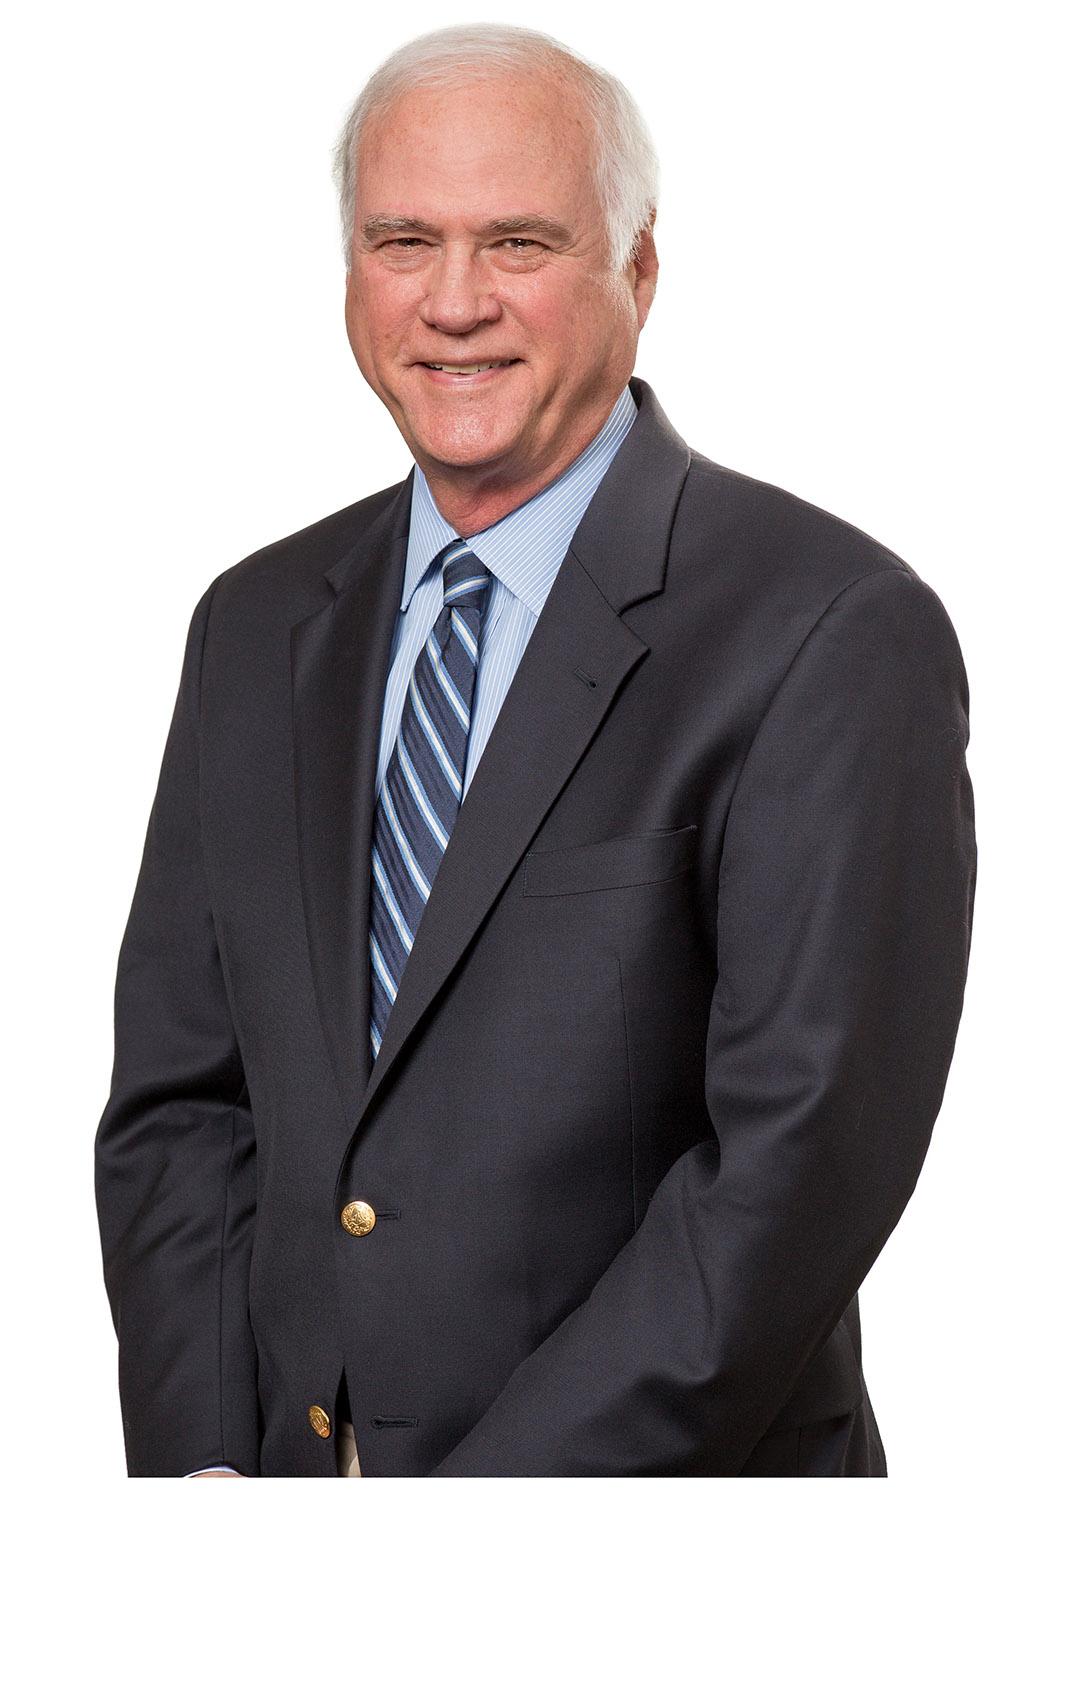 A. Wayne Rich